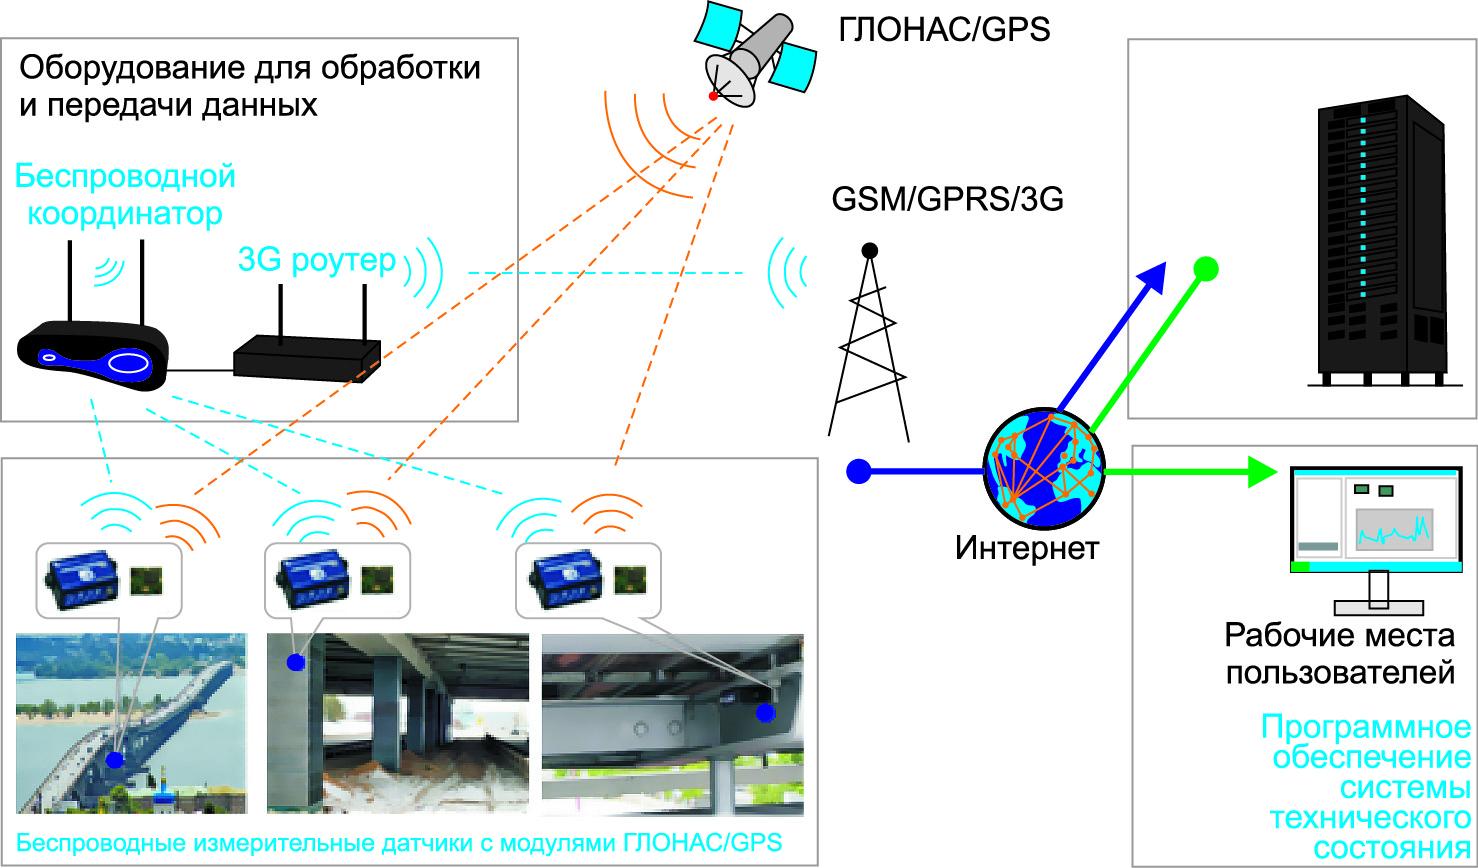 Схема работы беспроводной системы мониторинга технического состояния мостов